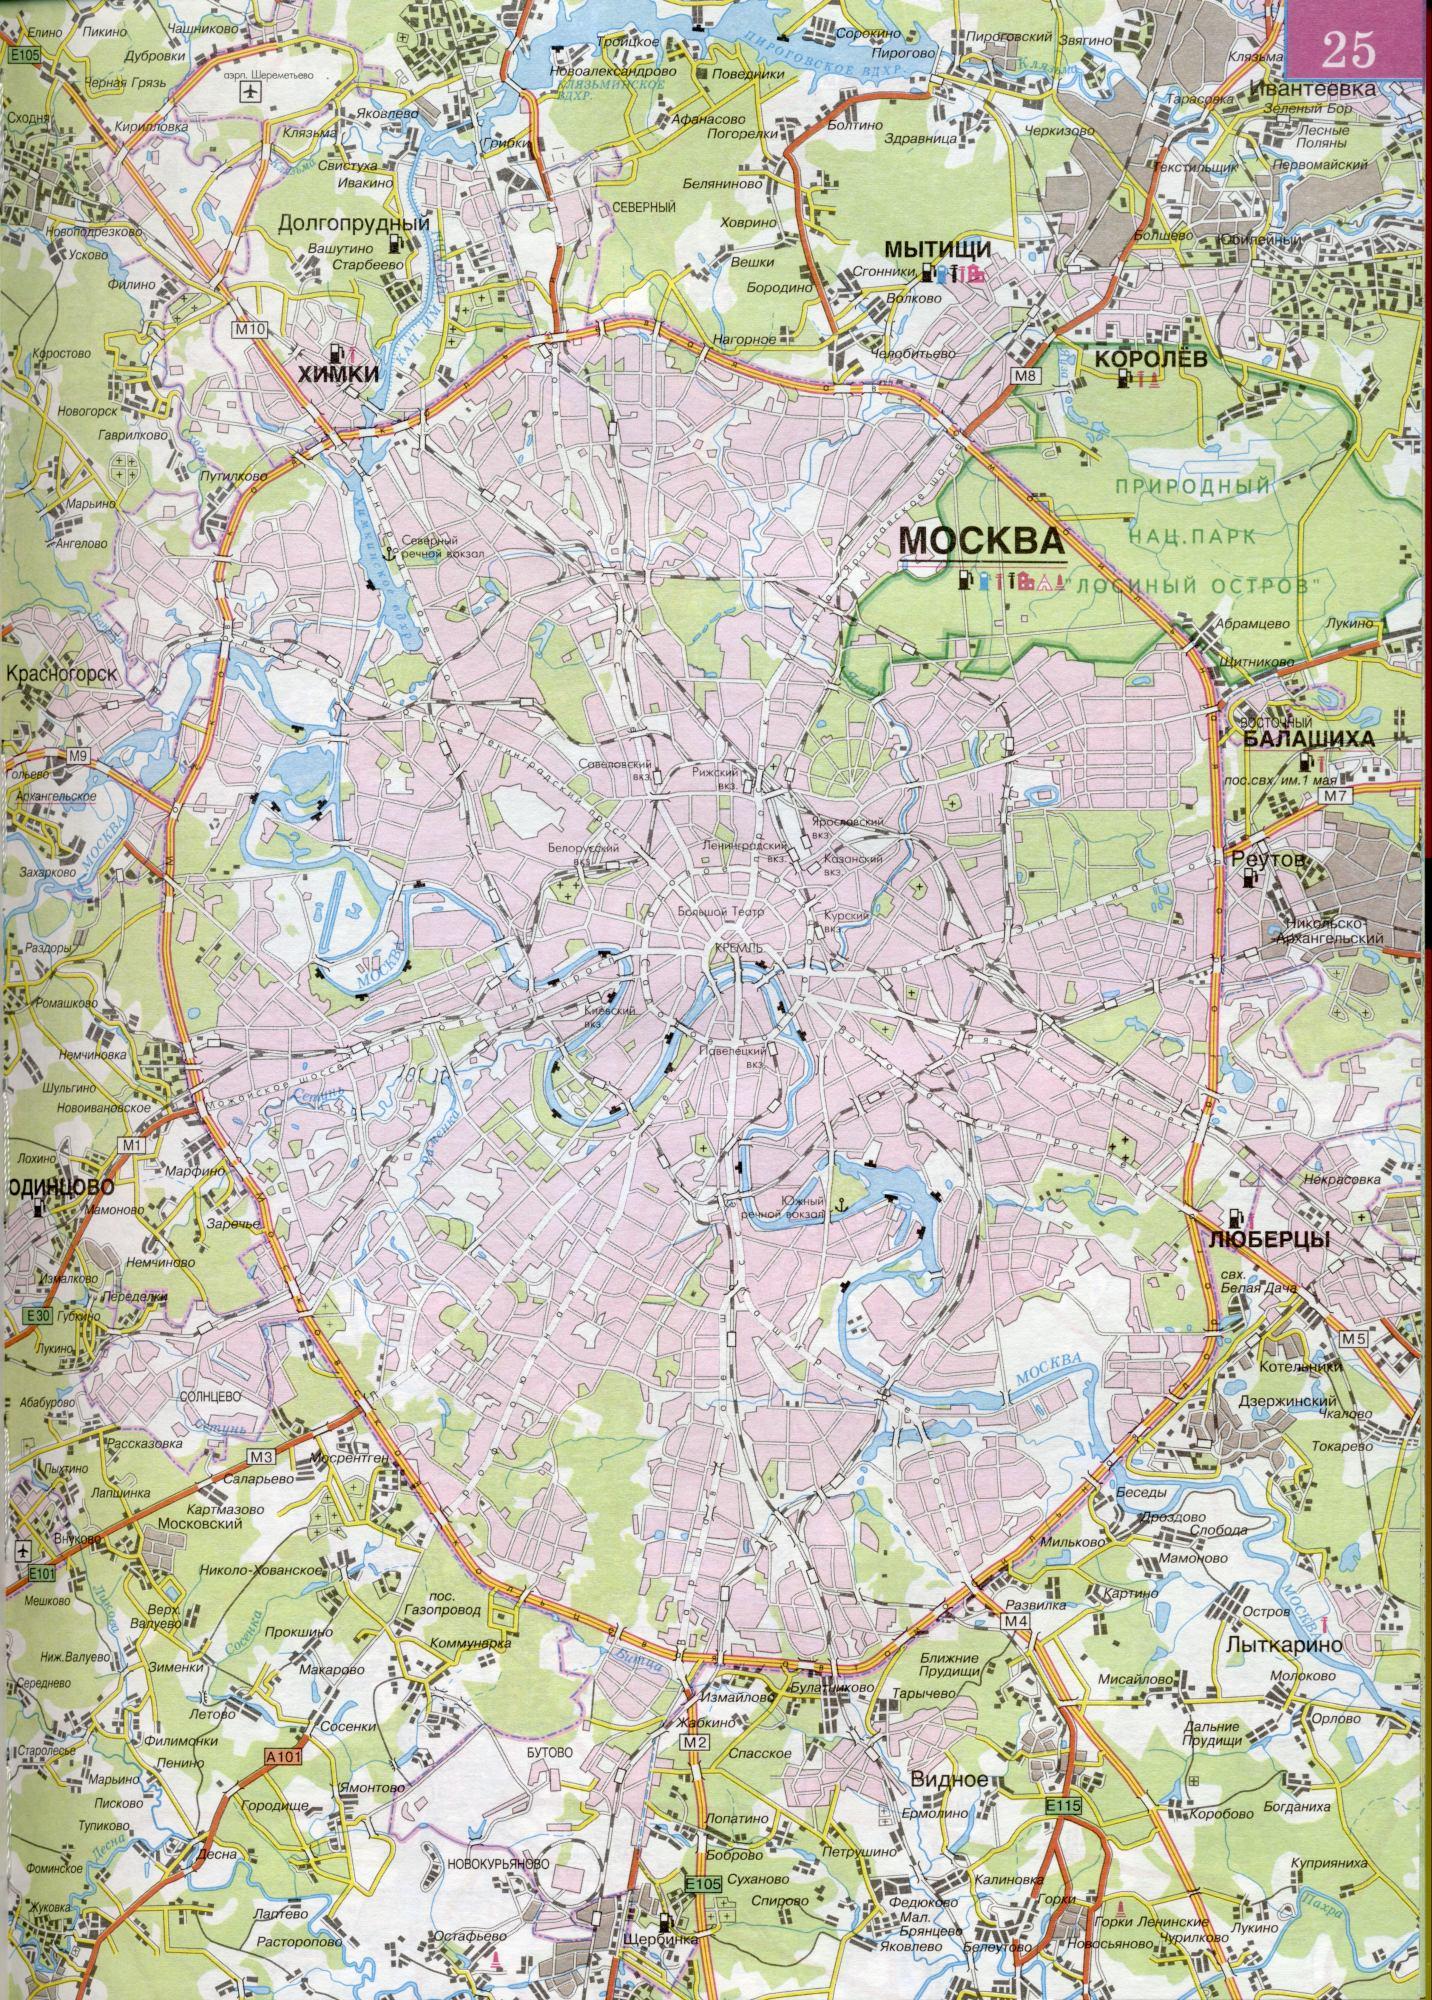 Скачать карту москва для навител - 3